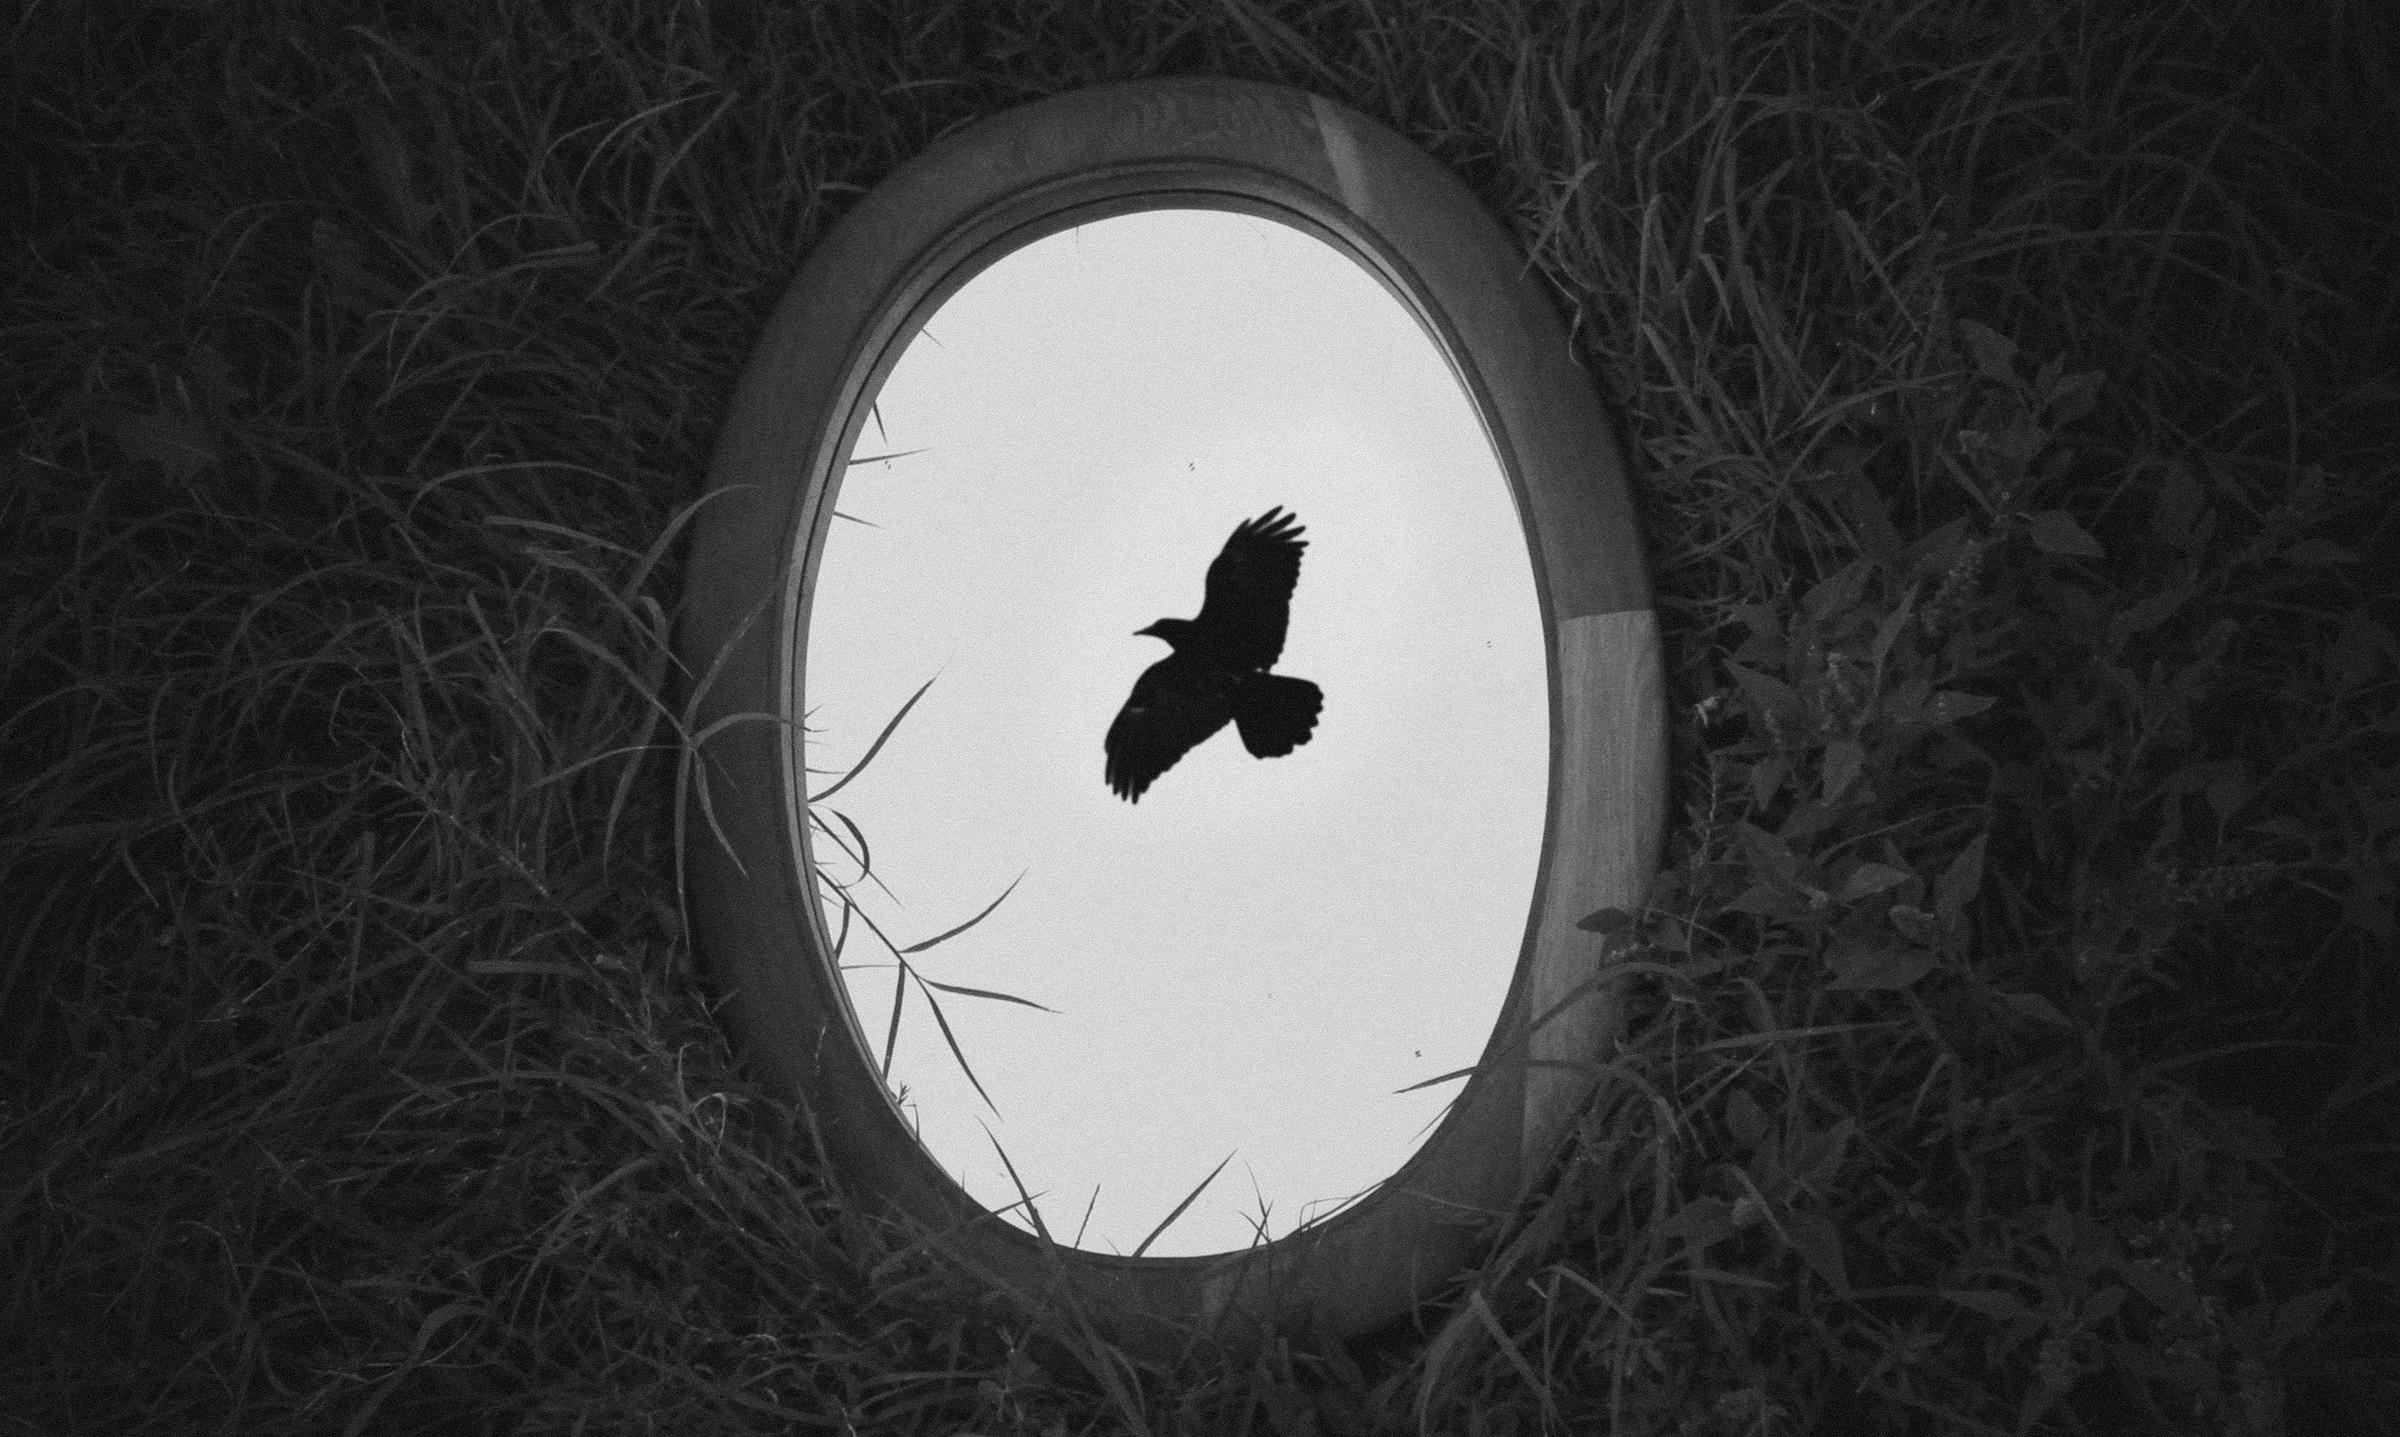 darkness-1084691-unsplash